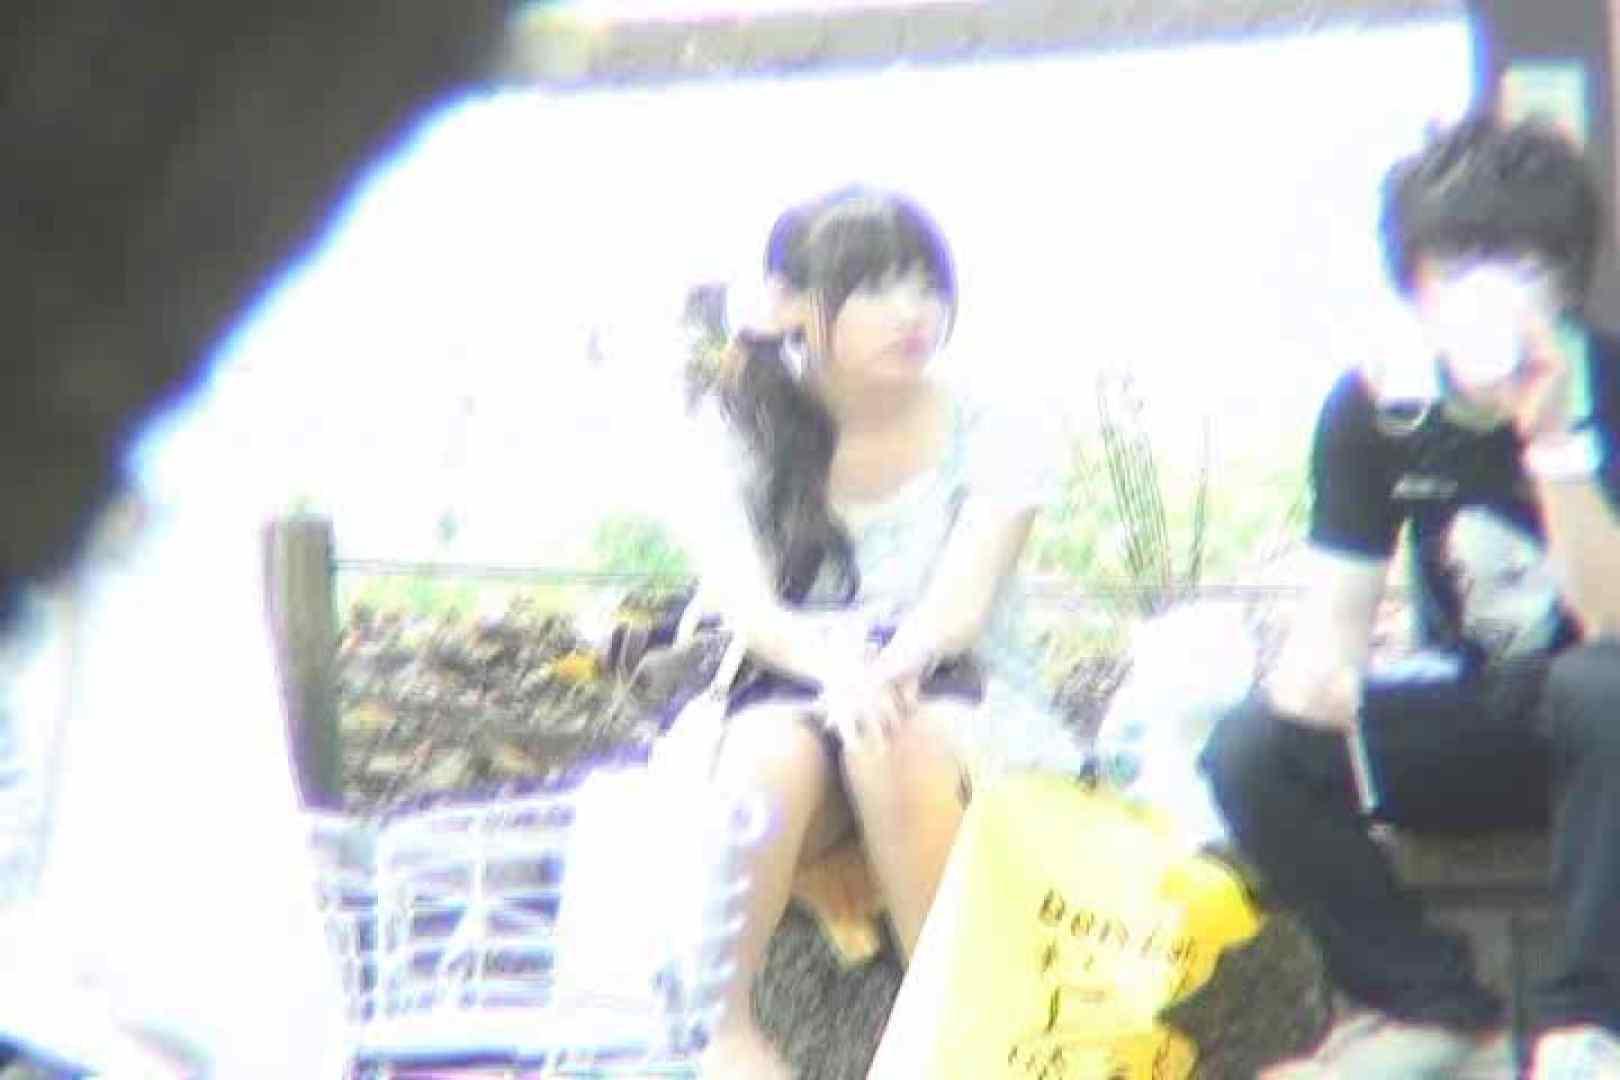 超最新版!春夏秋冬 vol.04 OLのエロ生活 われめAV動画紹介 87連発 2